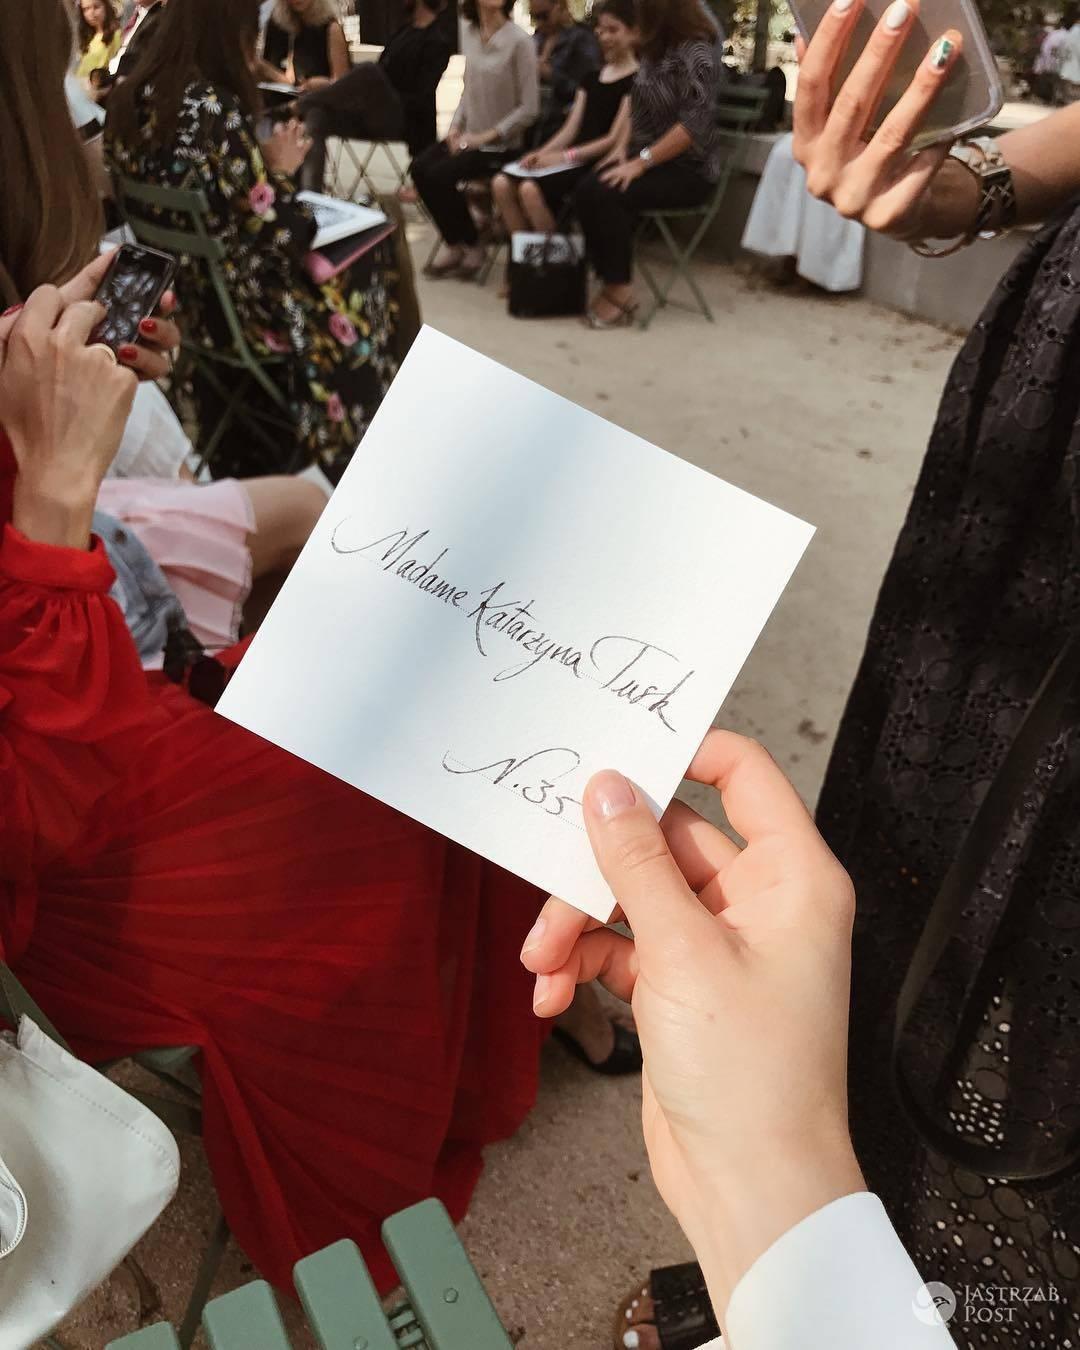 Kasia Tusk na pokazie Chanel w Paryżu 2017